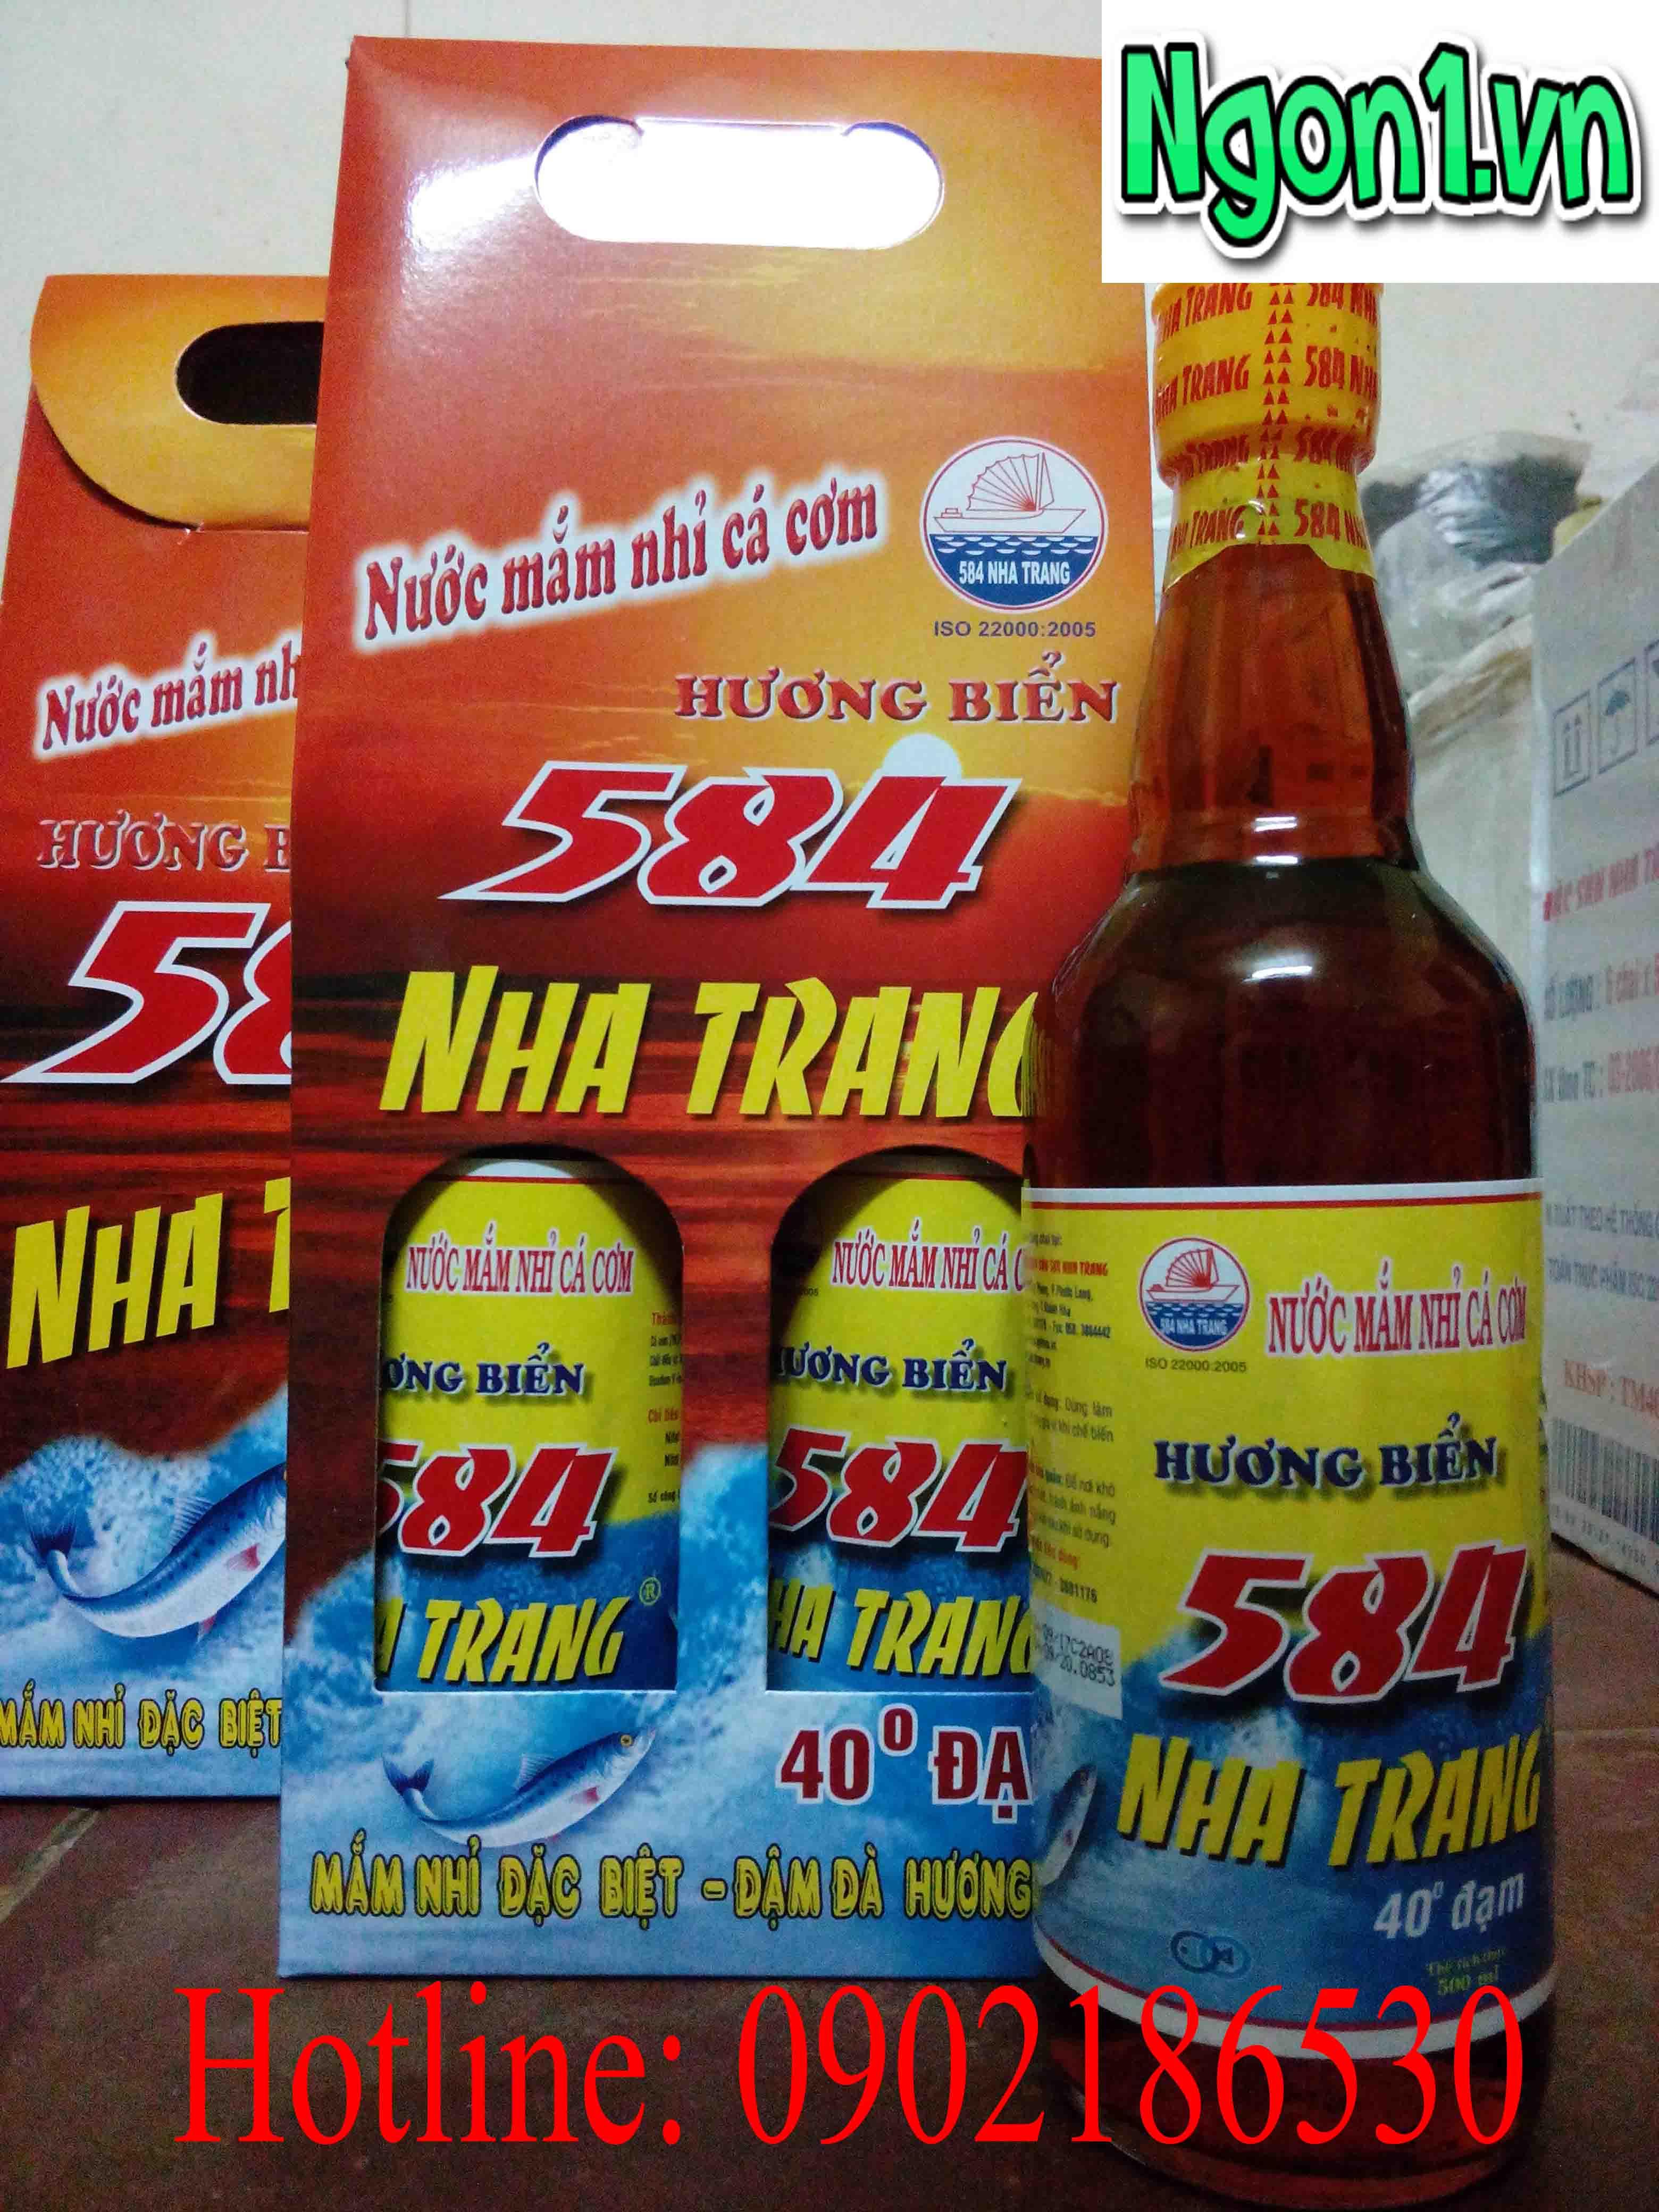 Nước mắm 584 Nha Trang 40 độ đạm (chai nhựa)